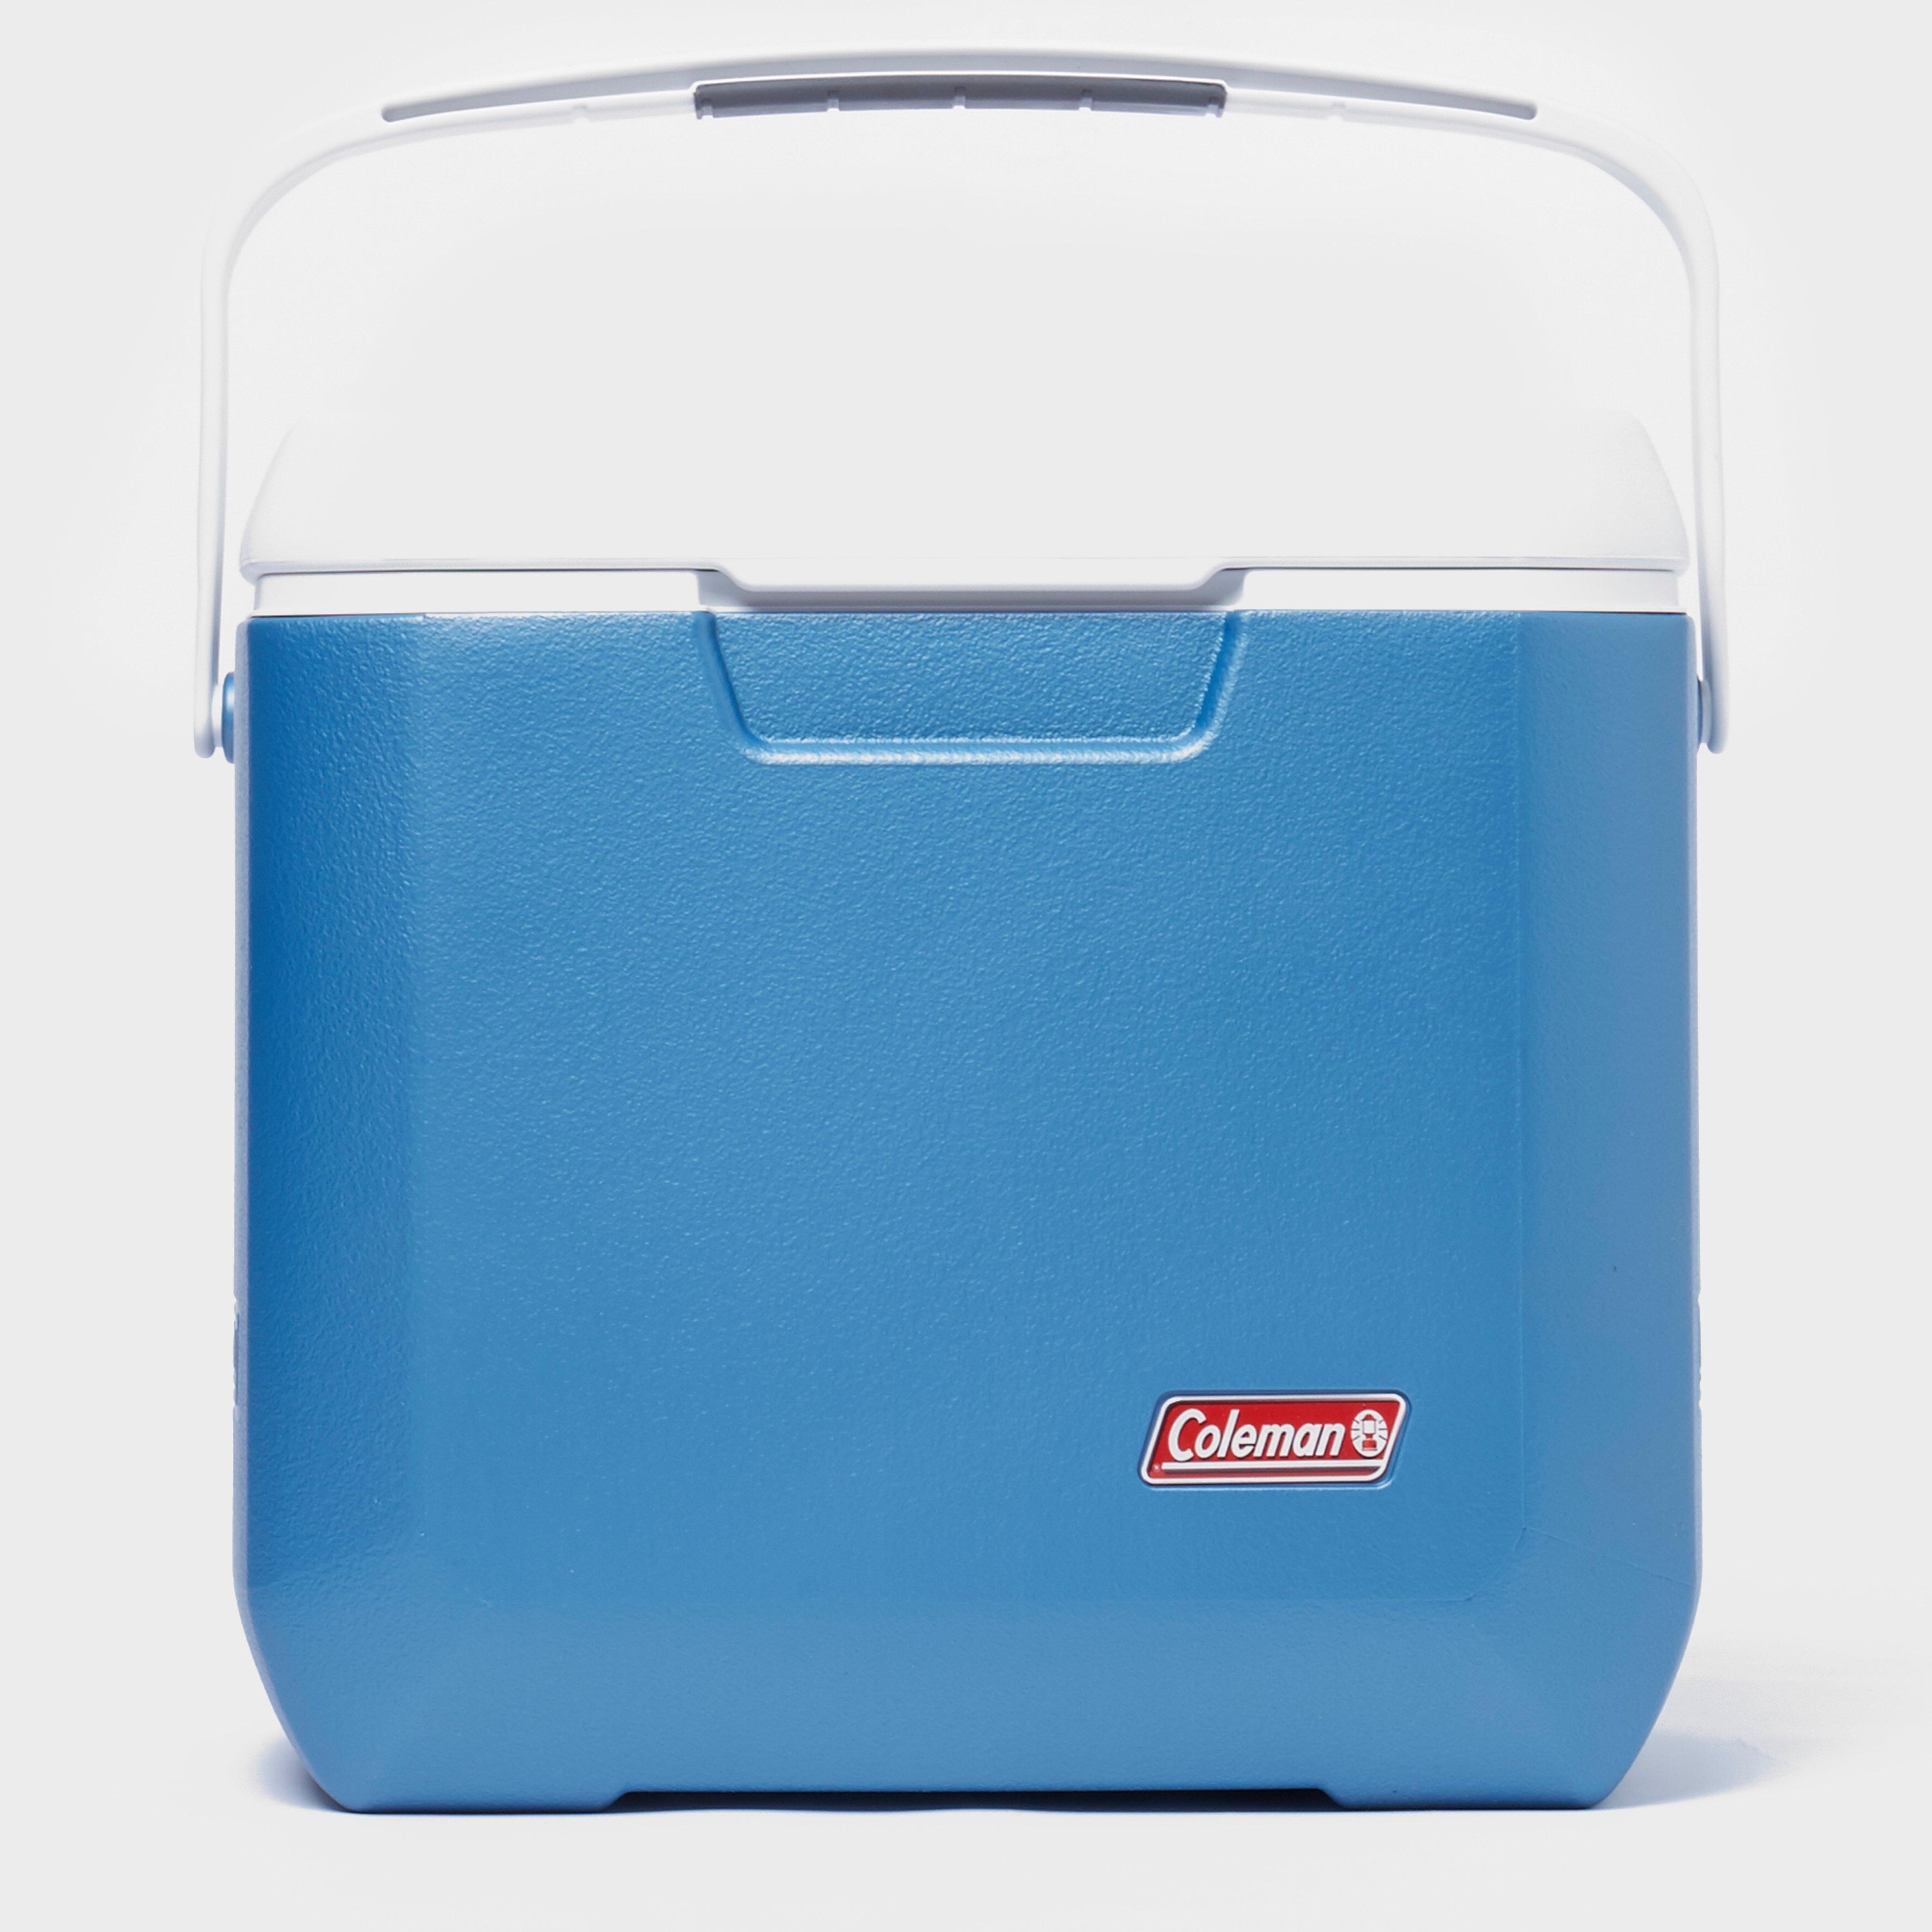 Coleman Coleman Extreme 28QT Cool Box, Blue